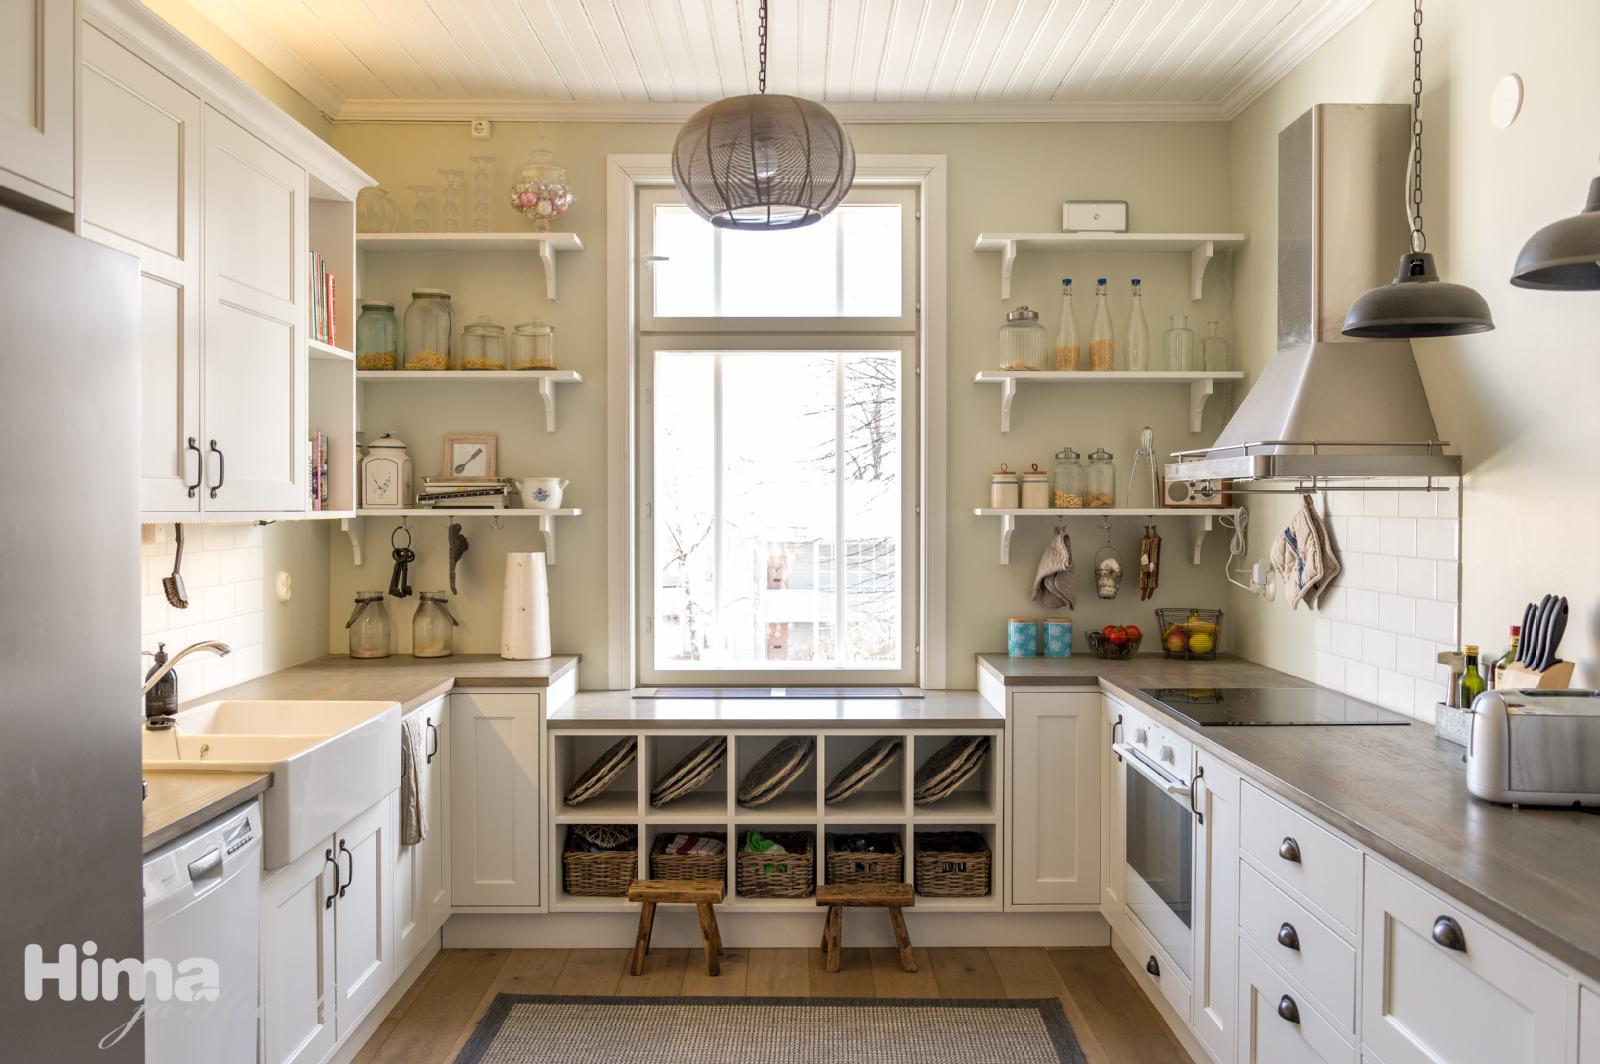 Puusepän tekemä, kartanotyylinen keittiö  Etuovi com Ideat & vinkit